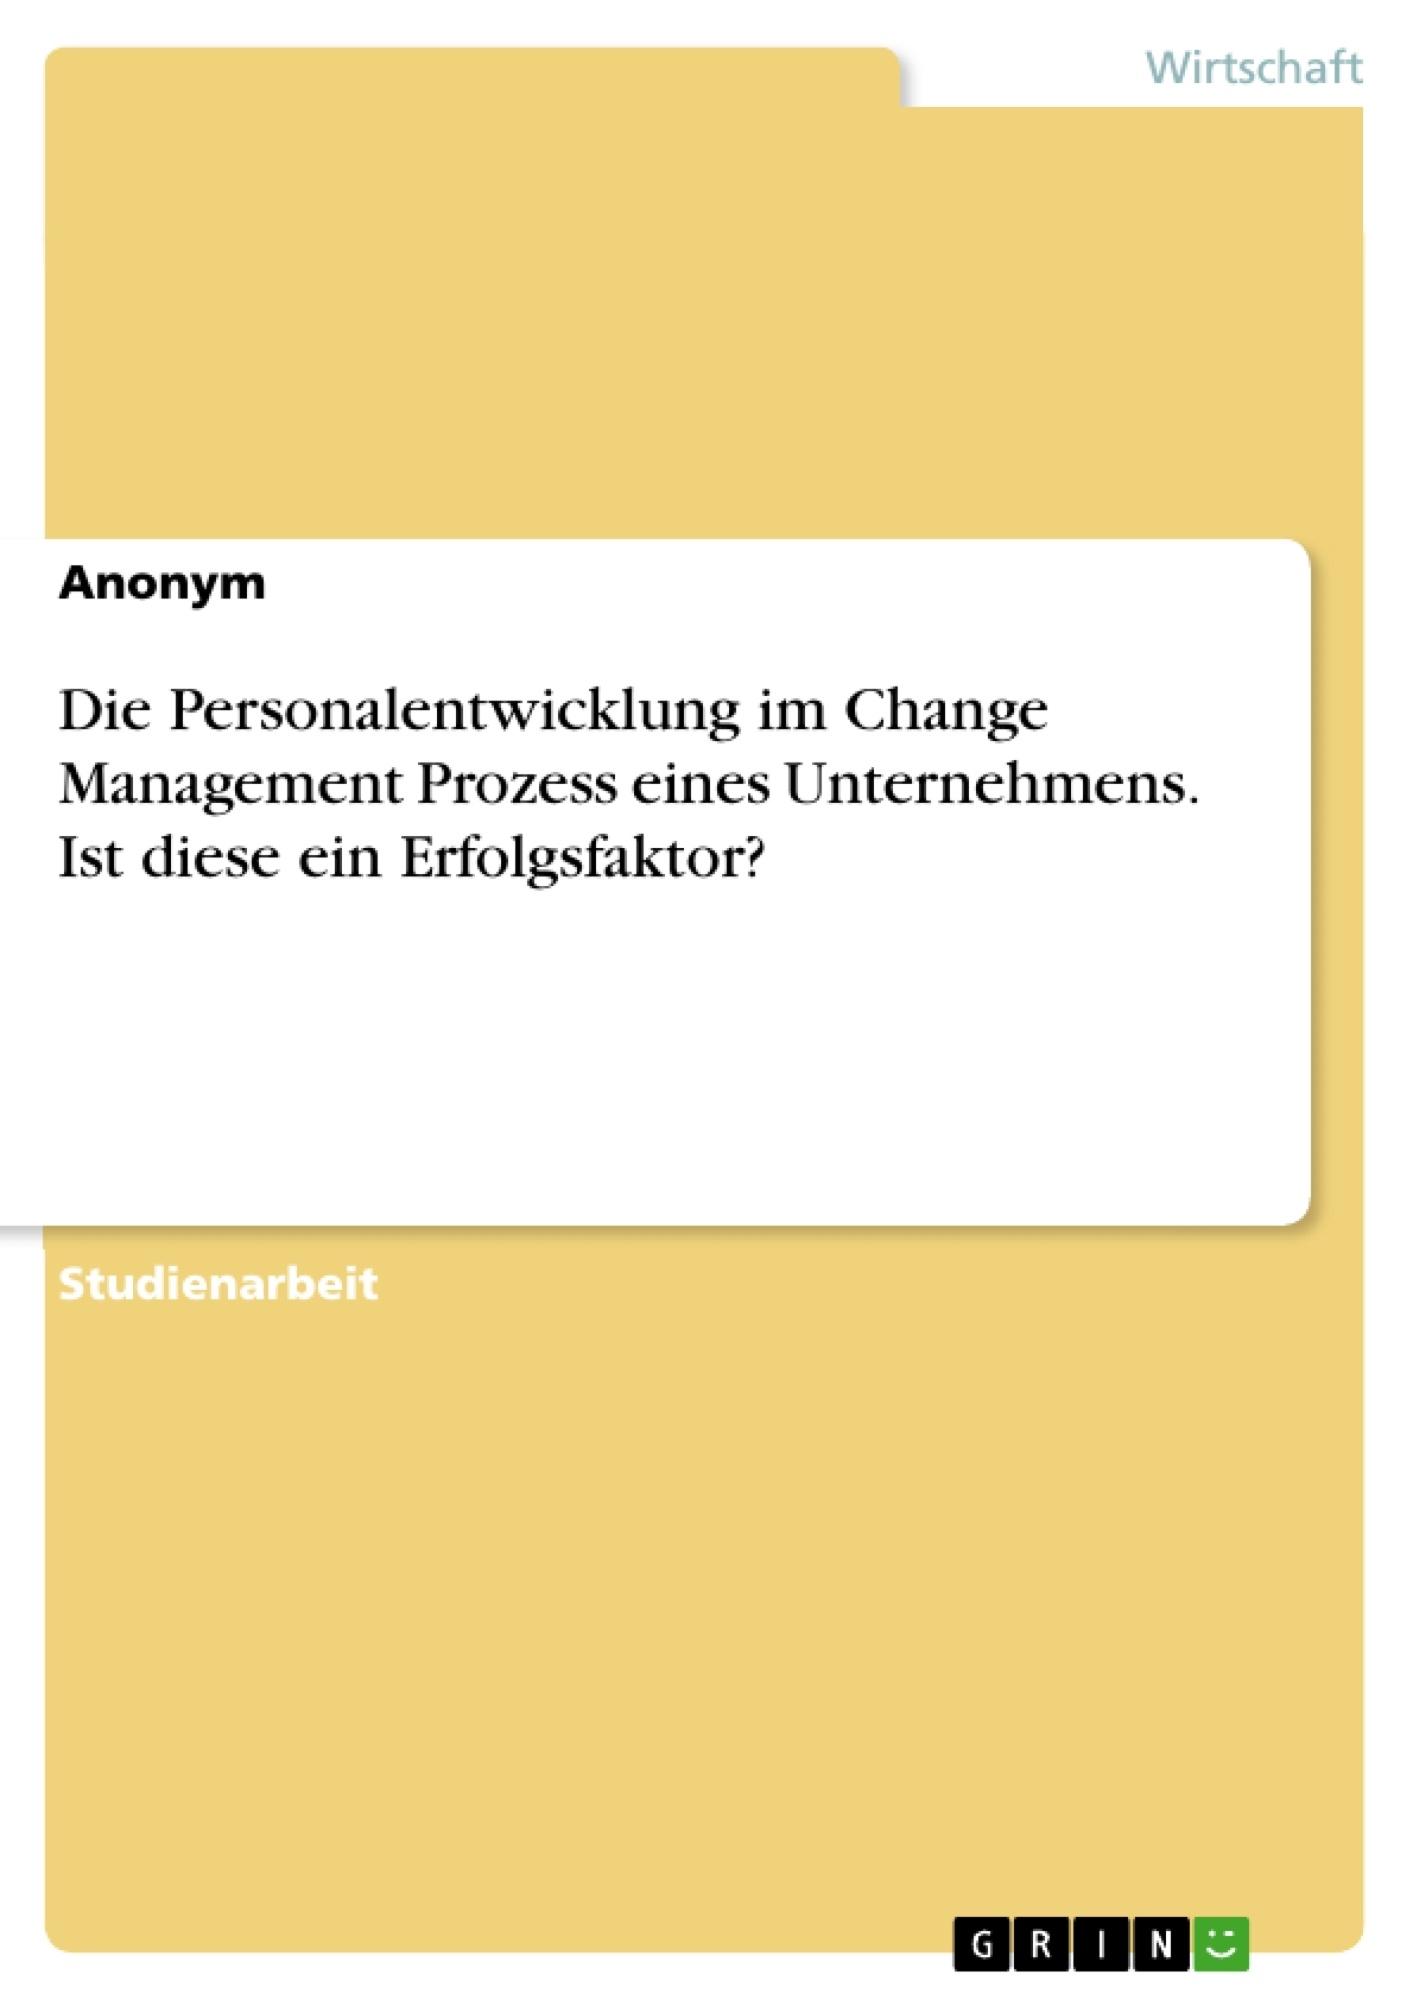 Titel: Die Personalentwicklung im Change Management Prozess eines Unternehmens. Ist diese ein Erfolgsfaktor?